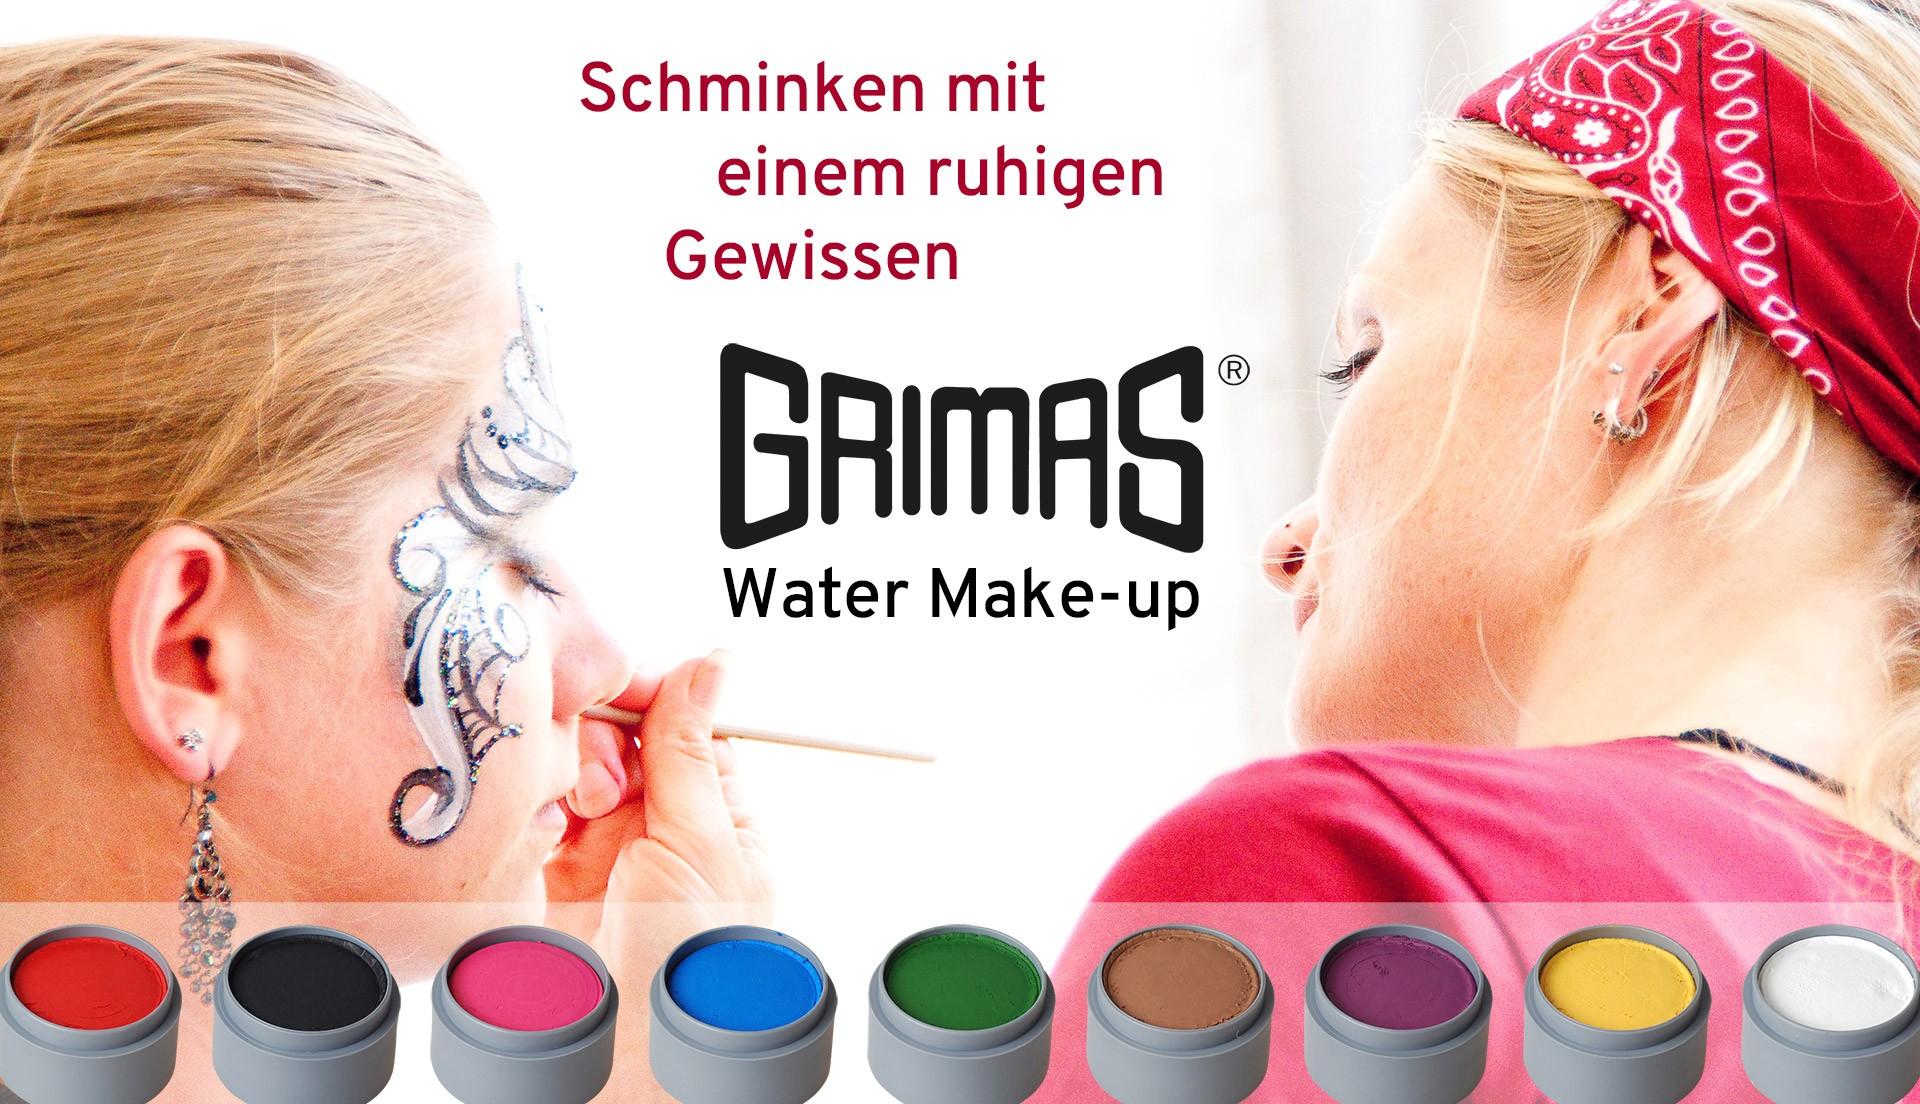 Water Make-up fürs ruhige Gewissen